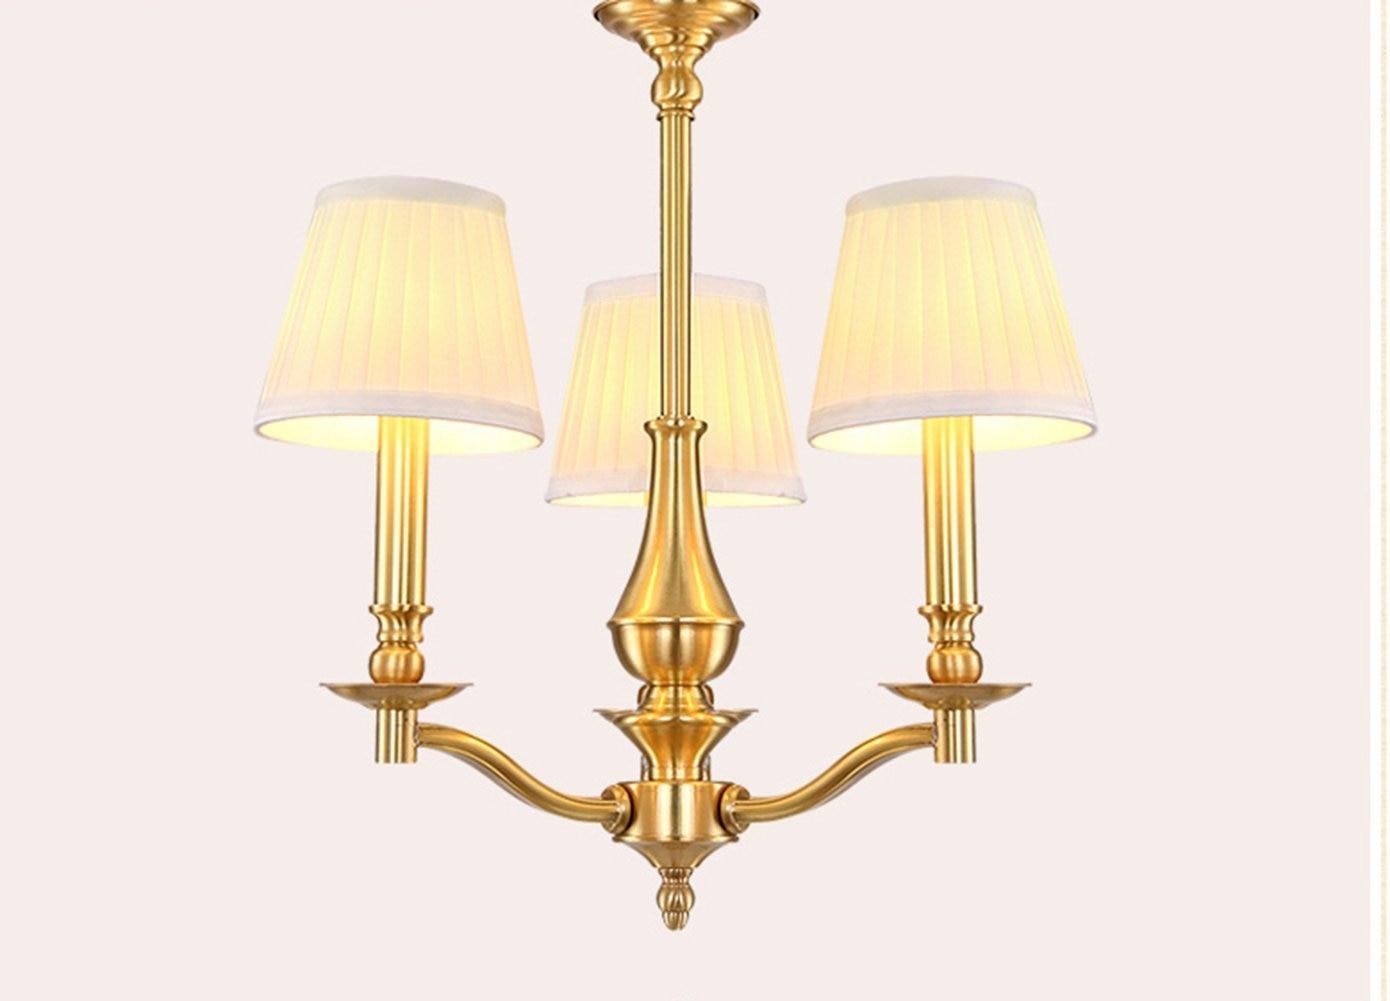 Ganeed vintage lampadario antico luce del pendente lampadari casa